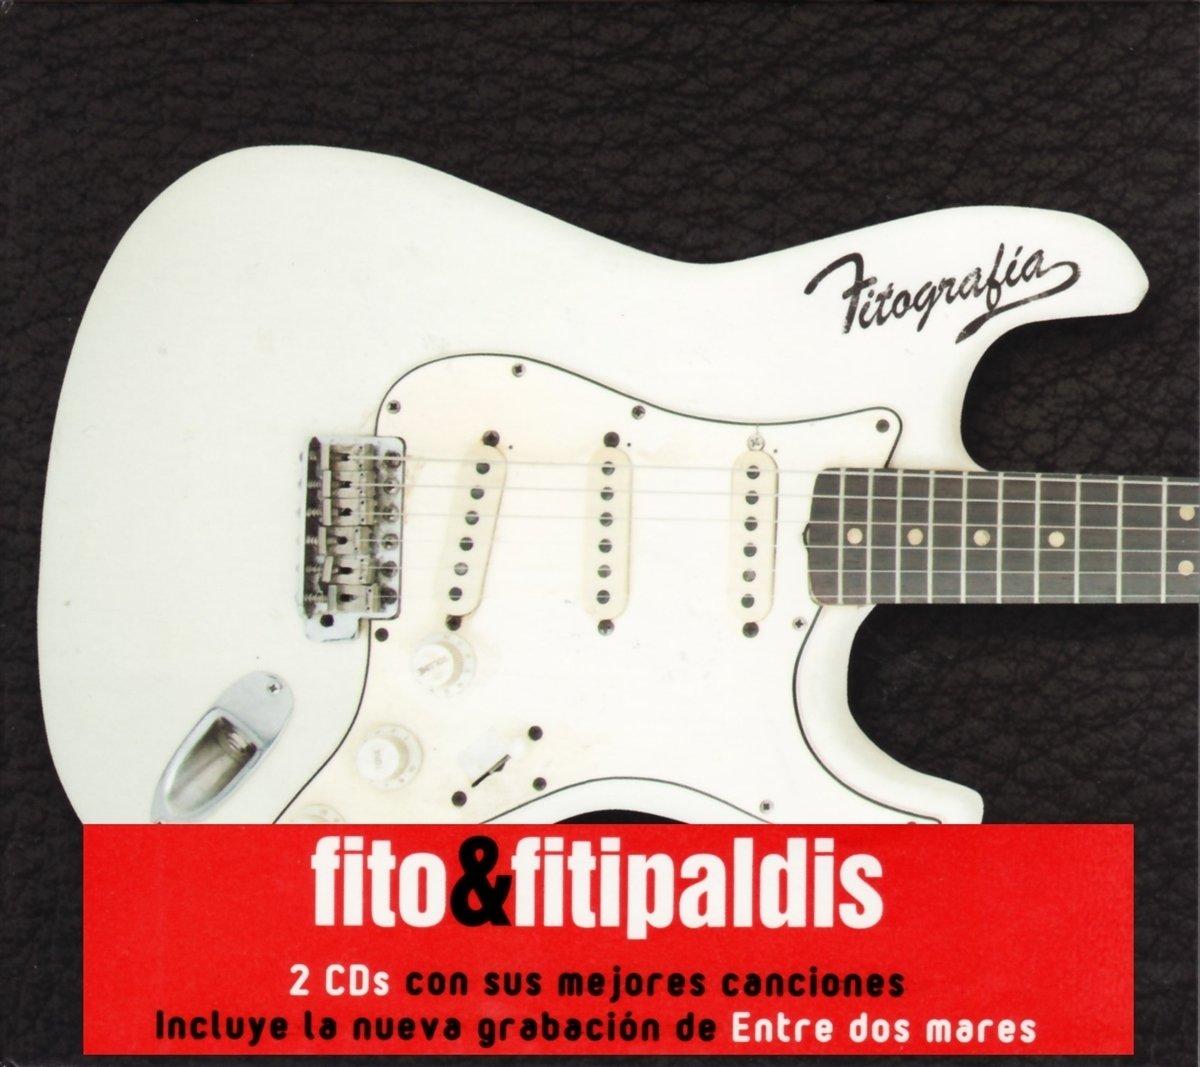 Fitografía - 2 CD: Fito Y Fitipaldis, Fito Y Fitipaldis: Amazon.es ...